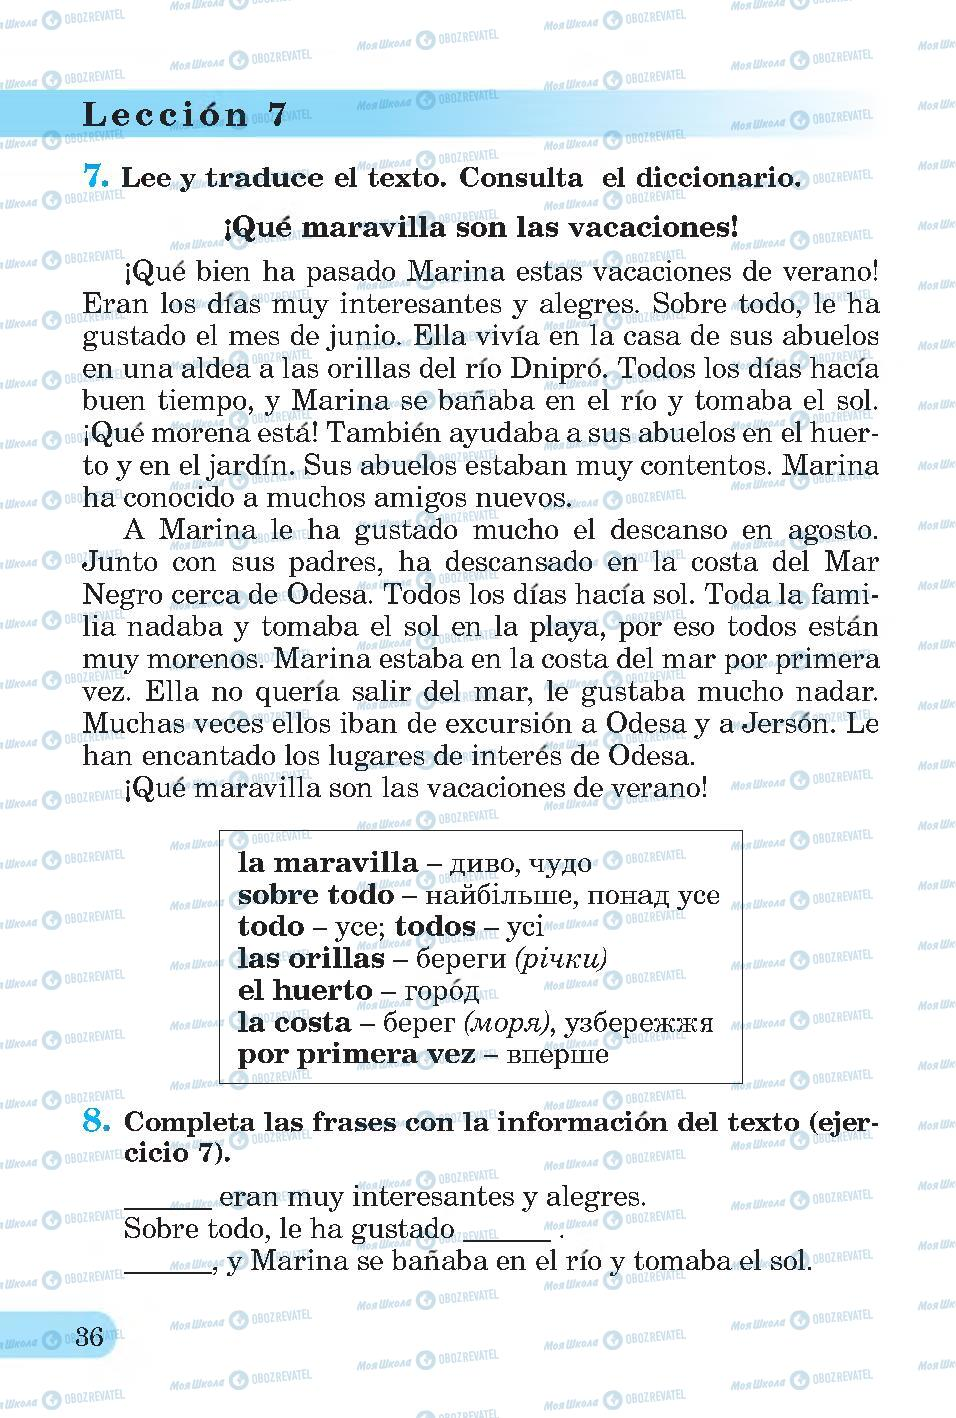 Підручники Іспанська мова 4 клас сторінка 36